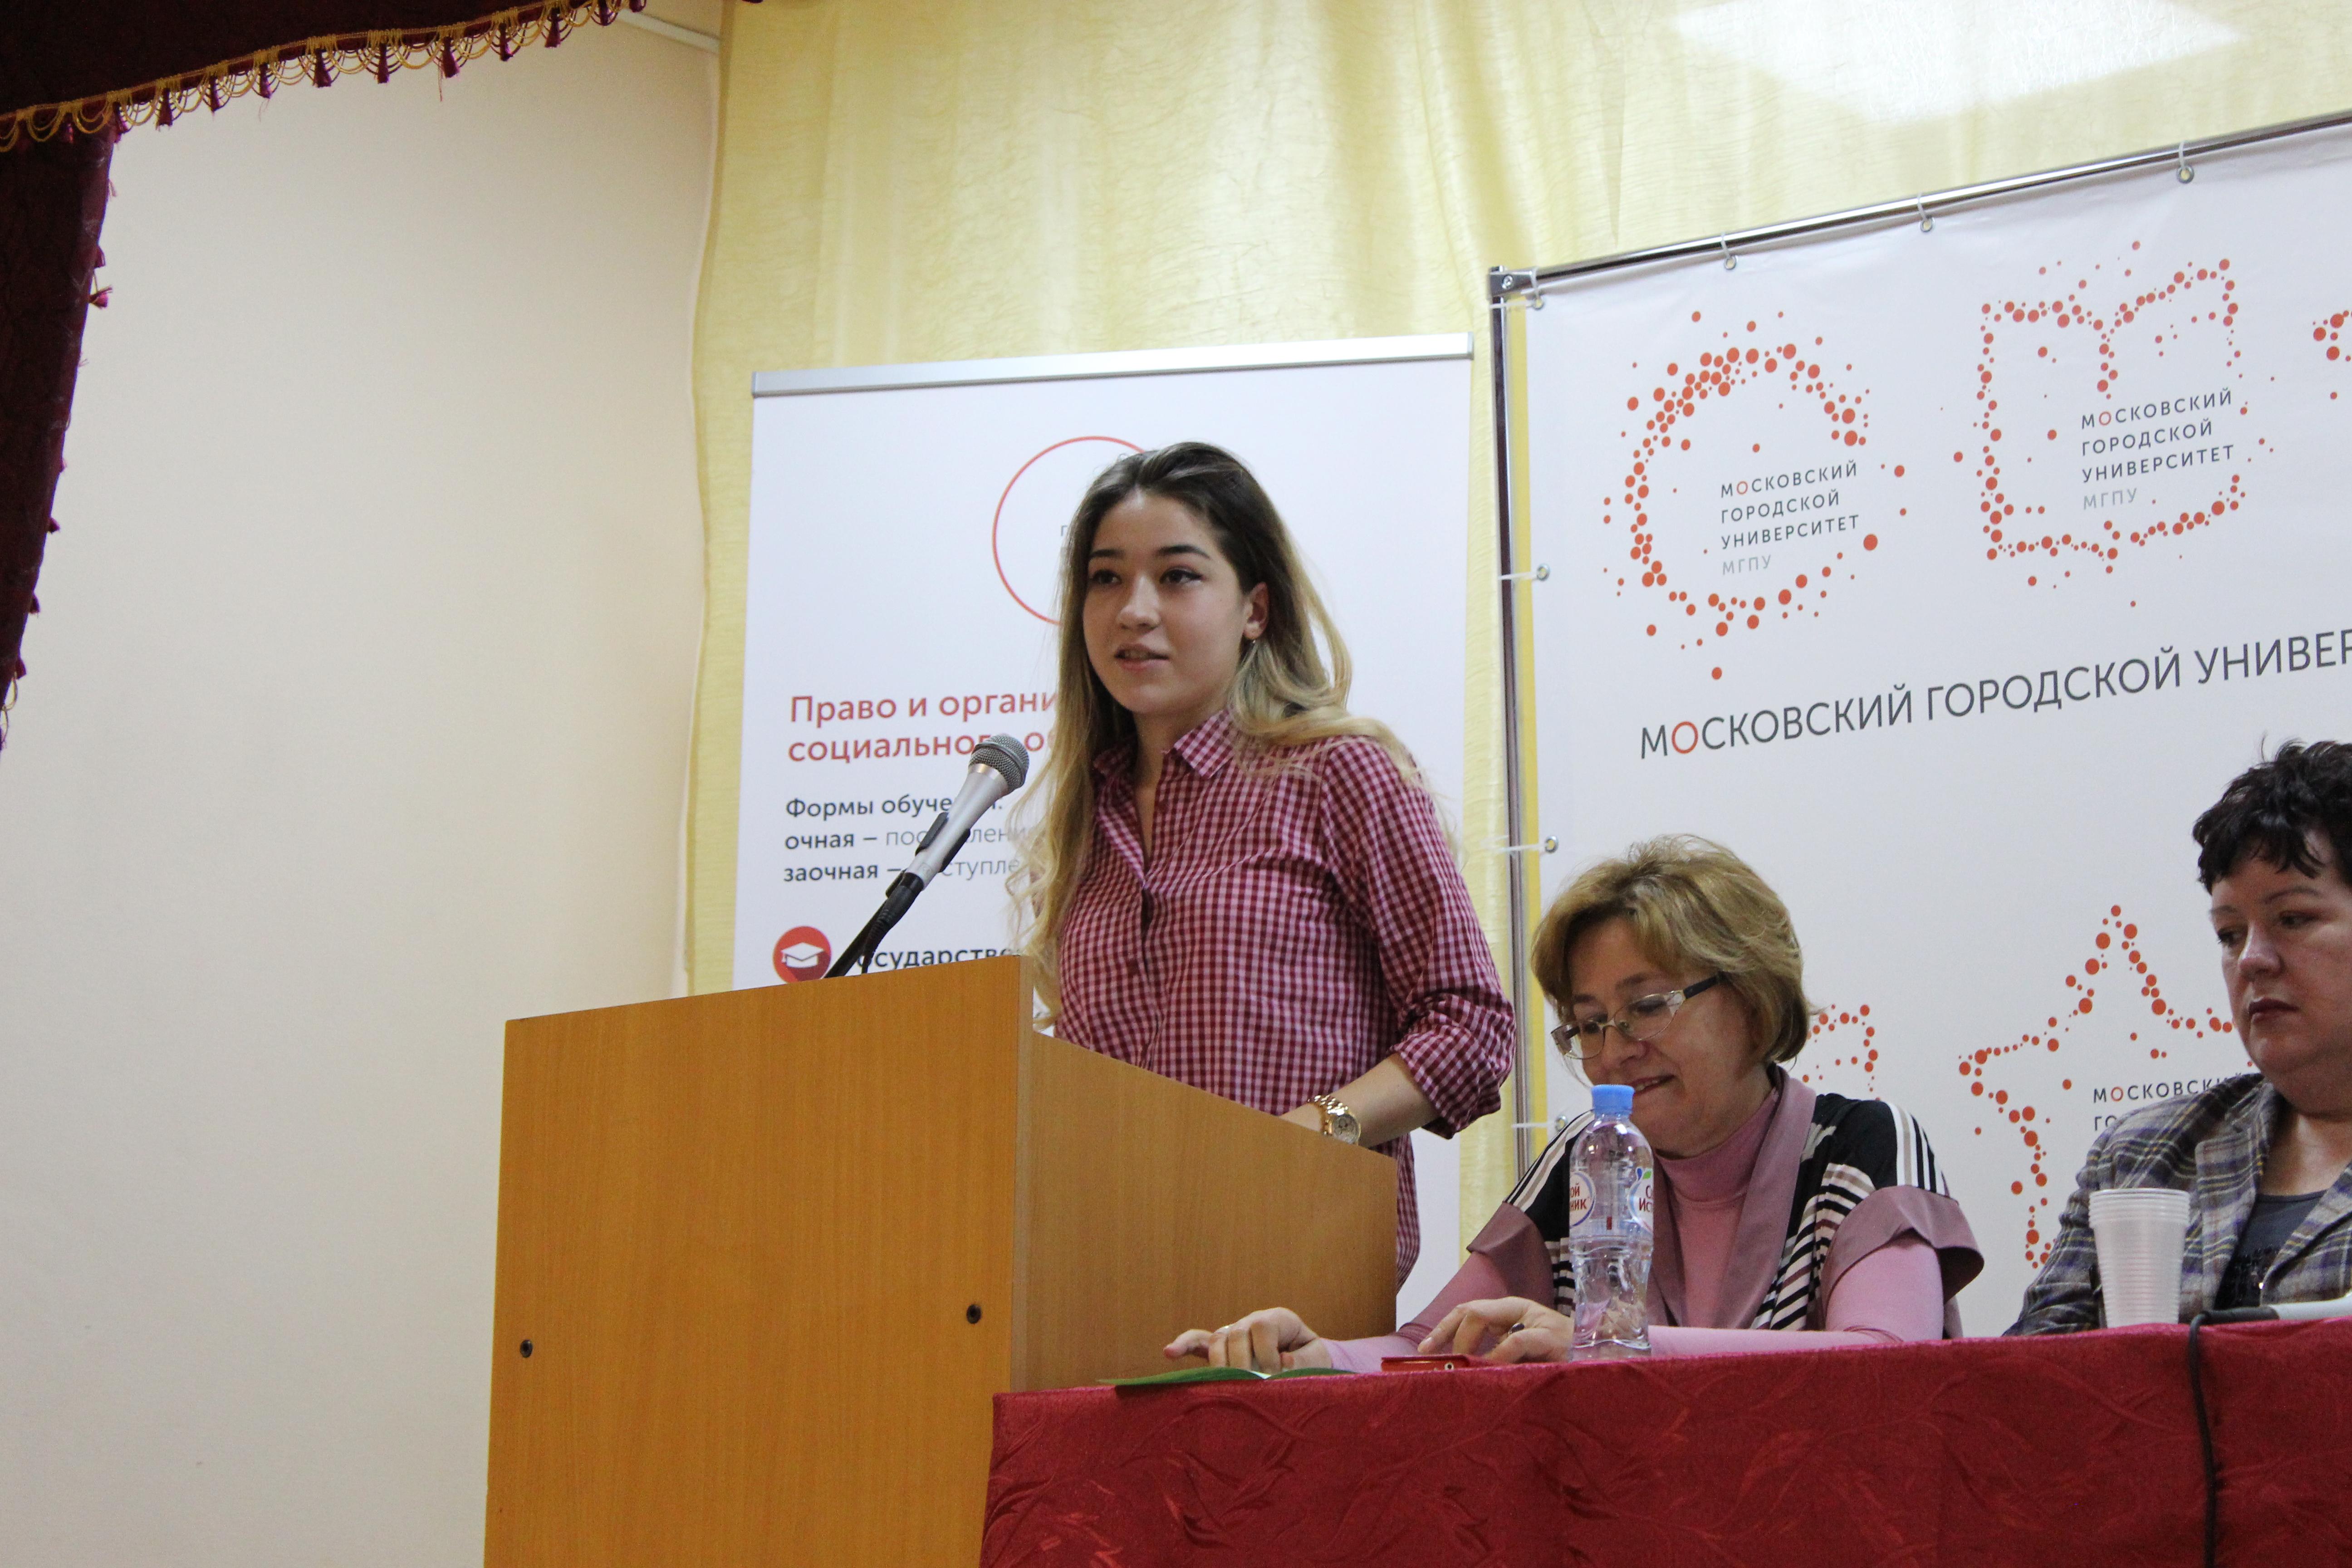 Студенческая научная конференция «Права человека винформационном обществе»